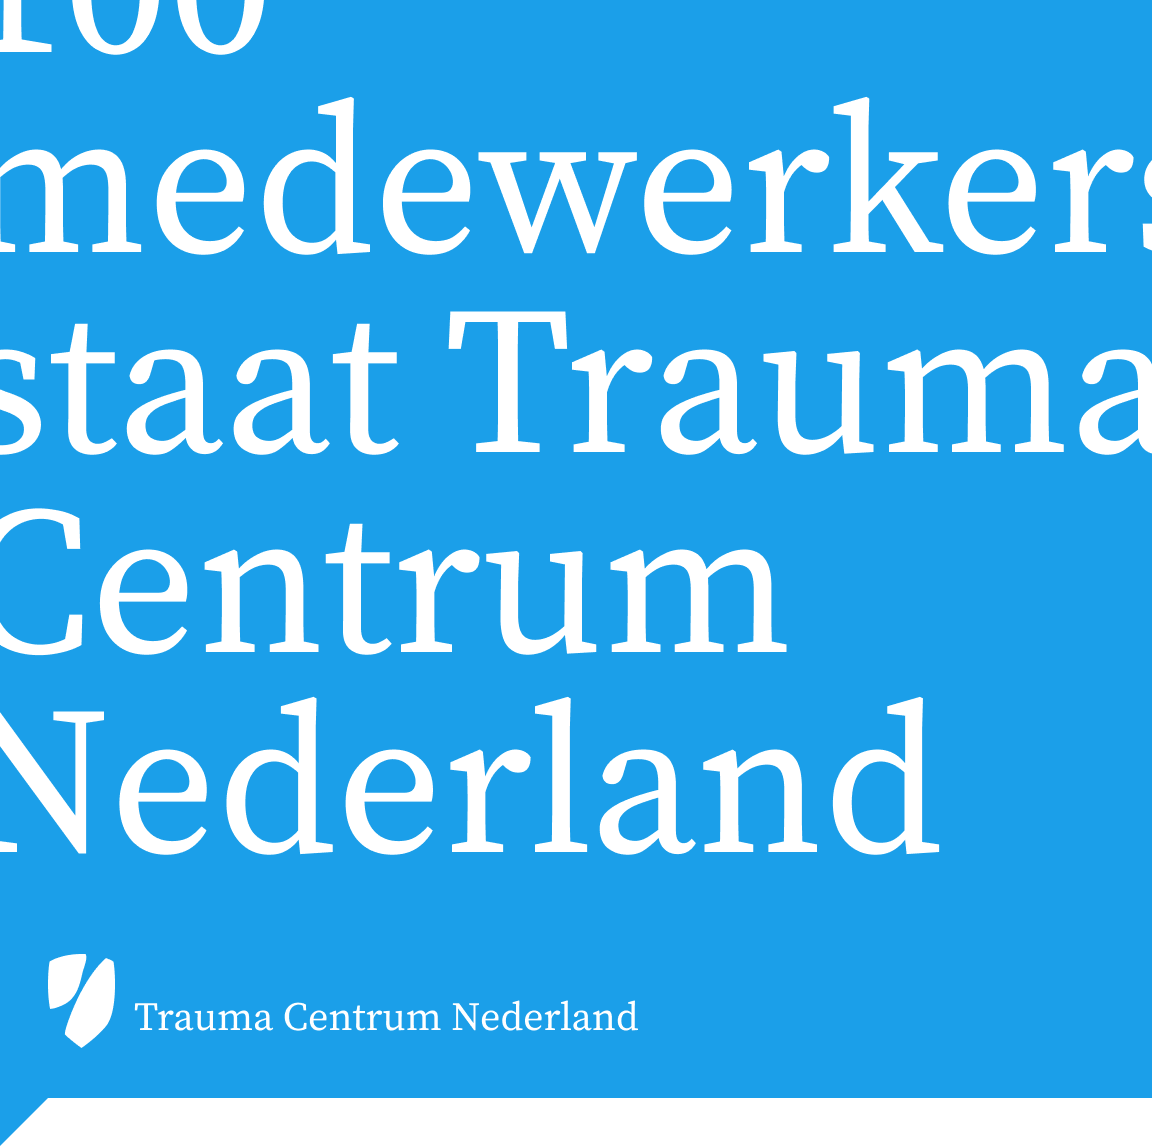 Trauma Centrum Nederland